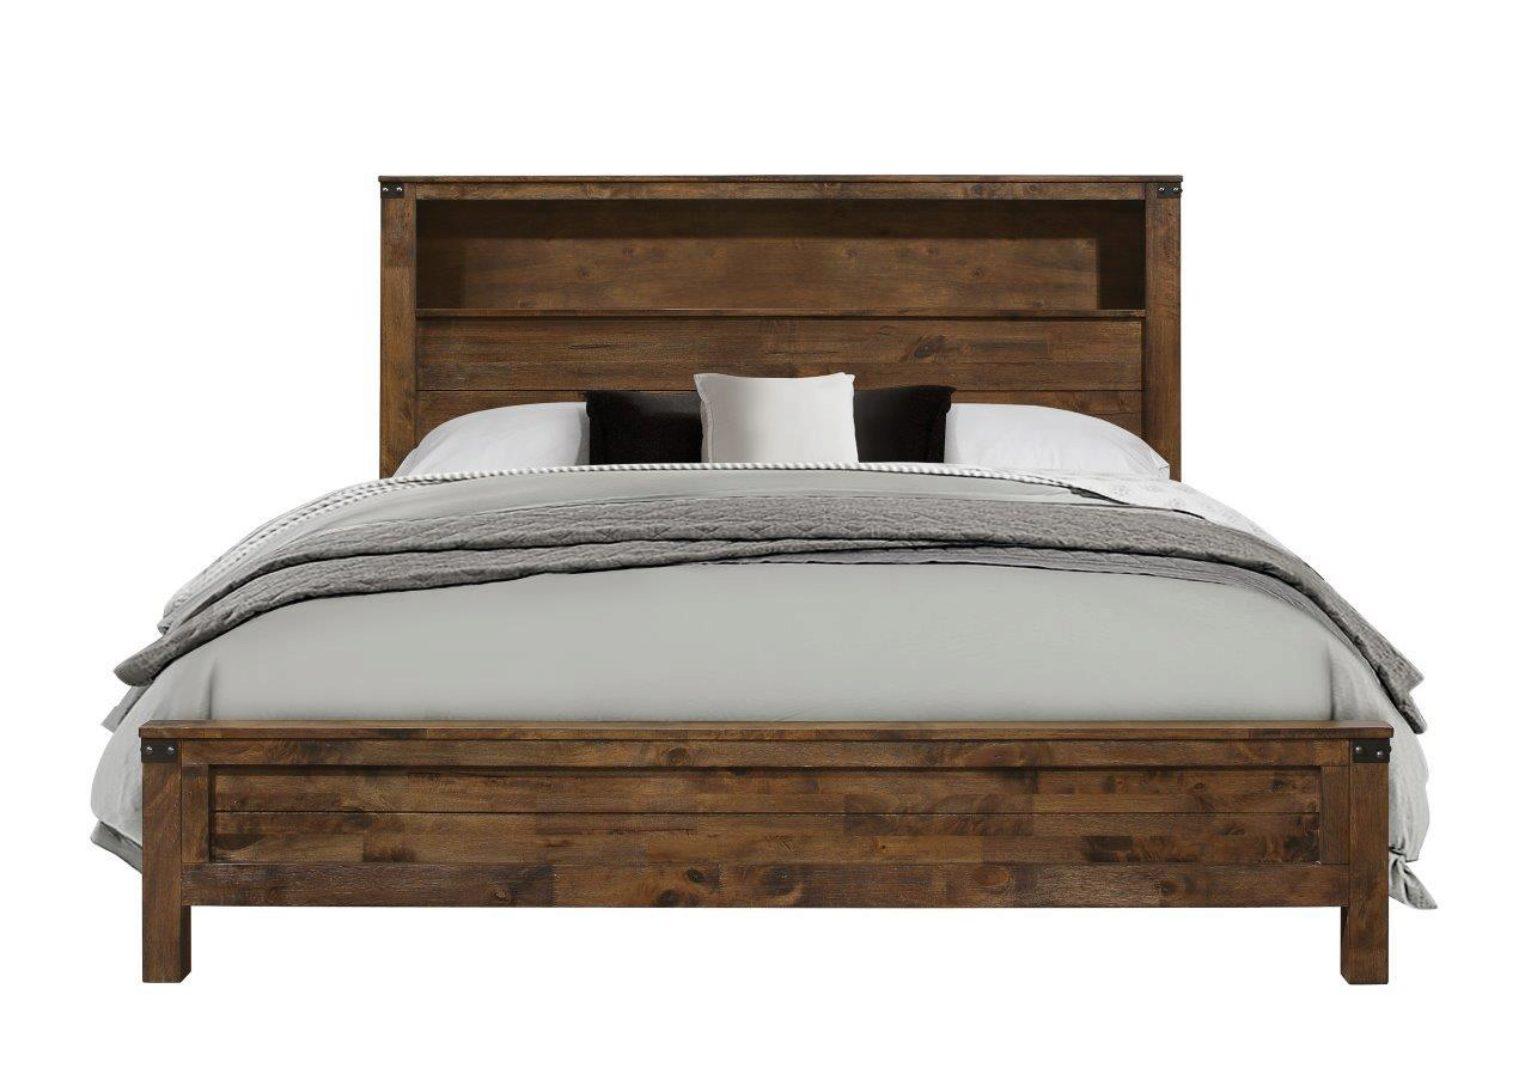 Global Furniture Victoria Rustic Oak Finish Queen Size Bedroom Set 5pcs Victoria Bedroom Q Set 5